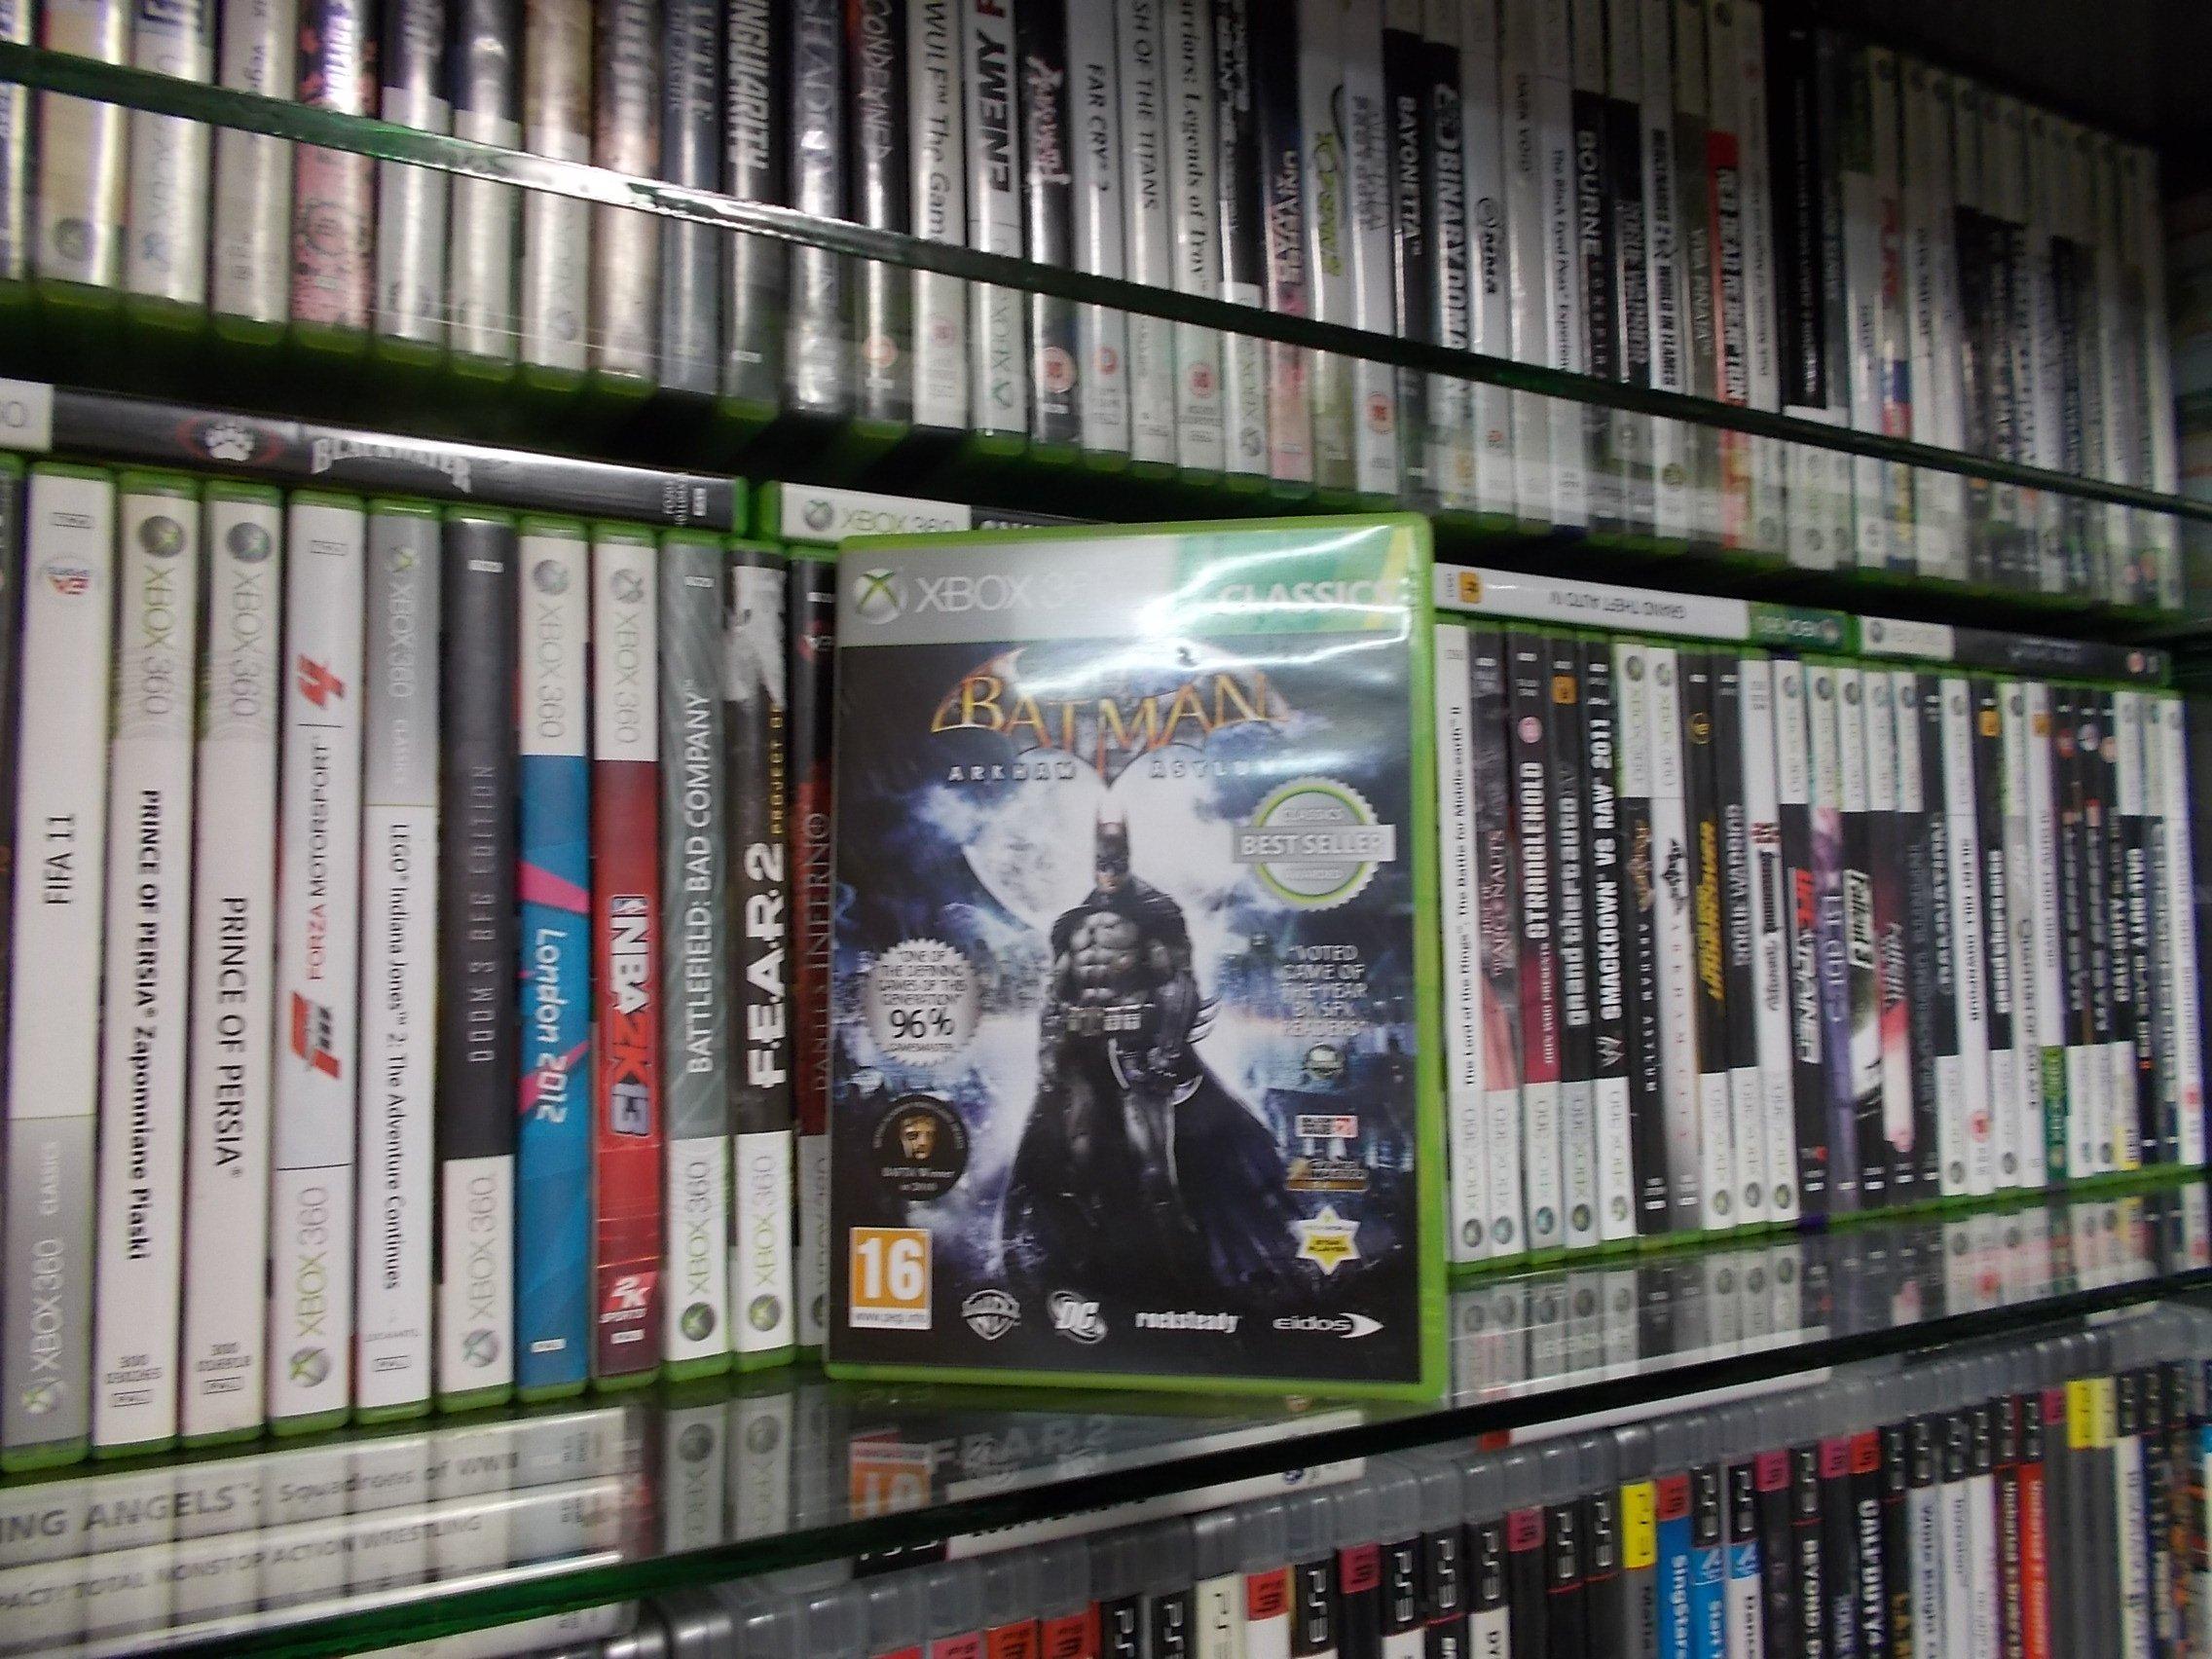 Batman Arkham Asylum - GRA Xbox 360 Opole 0183